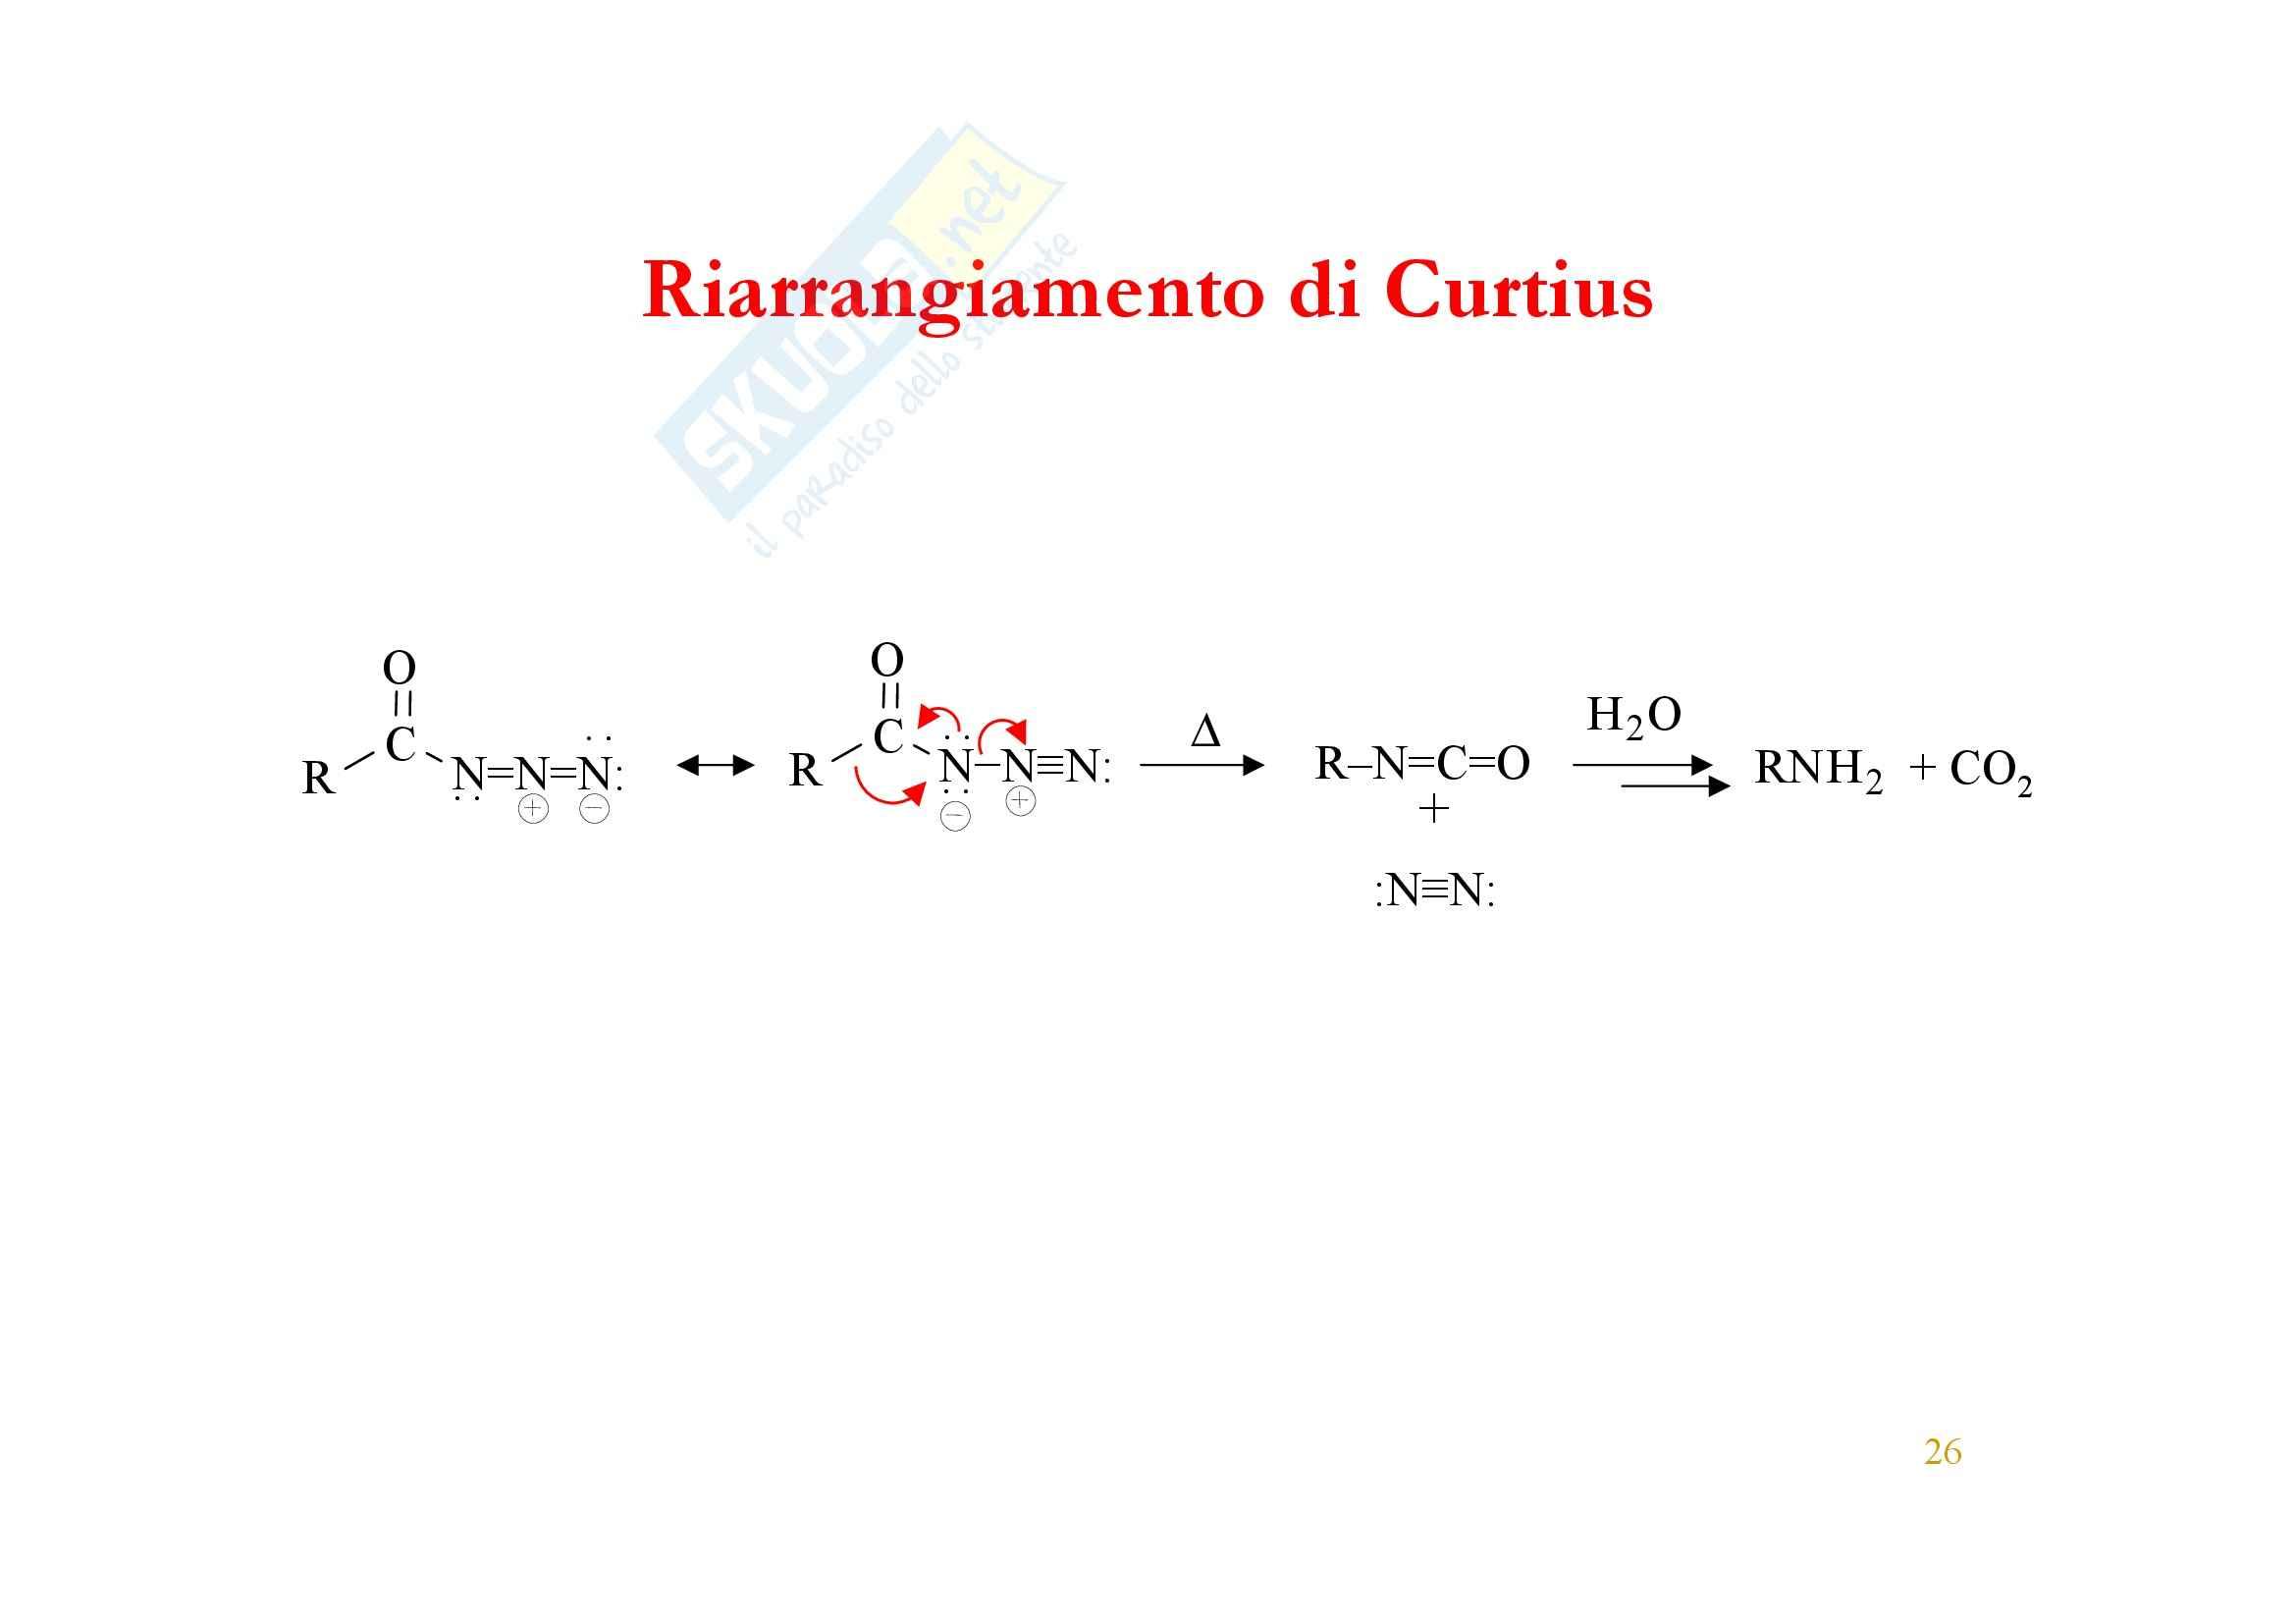 Chimica organica - reattività delle ammine Pag. 26